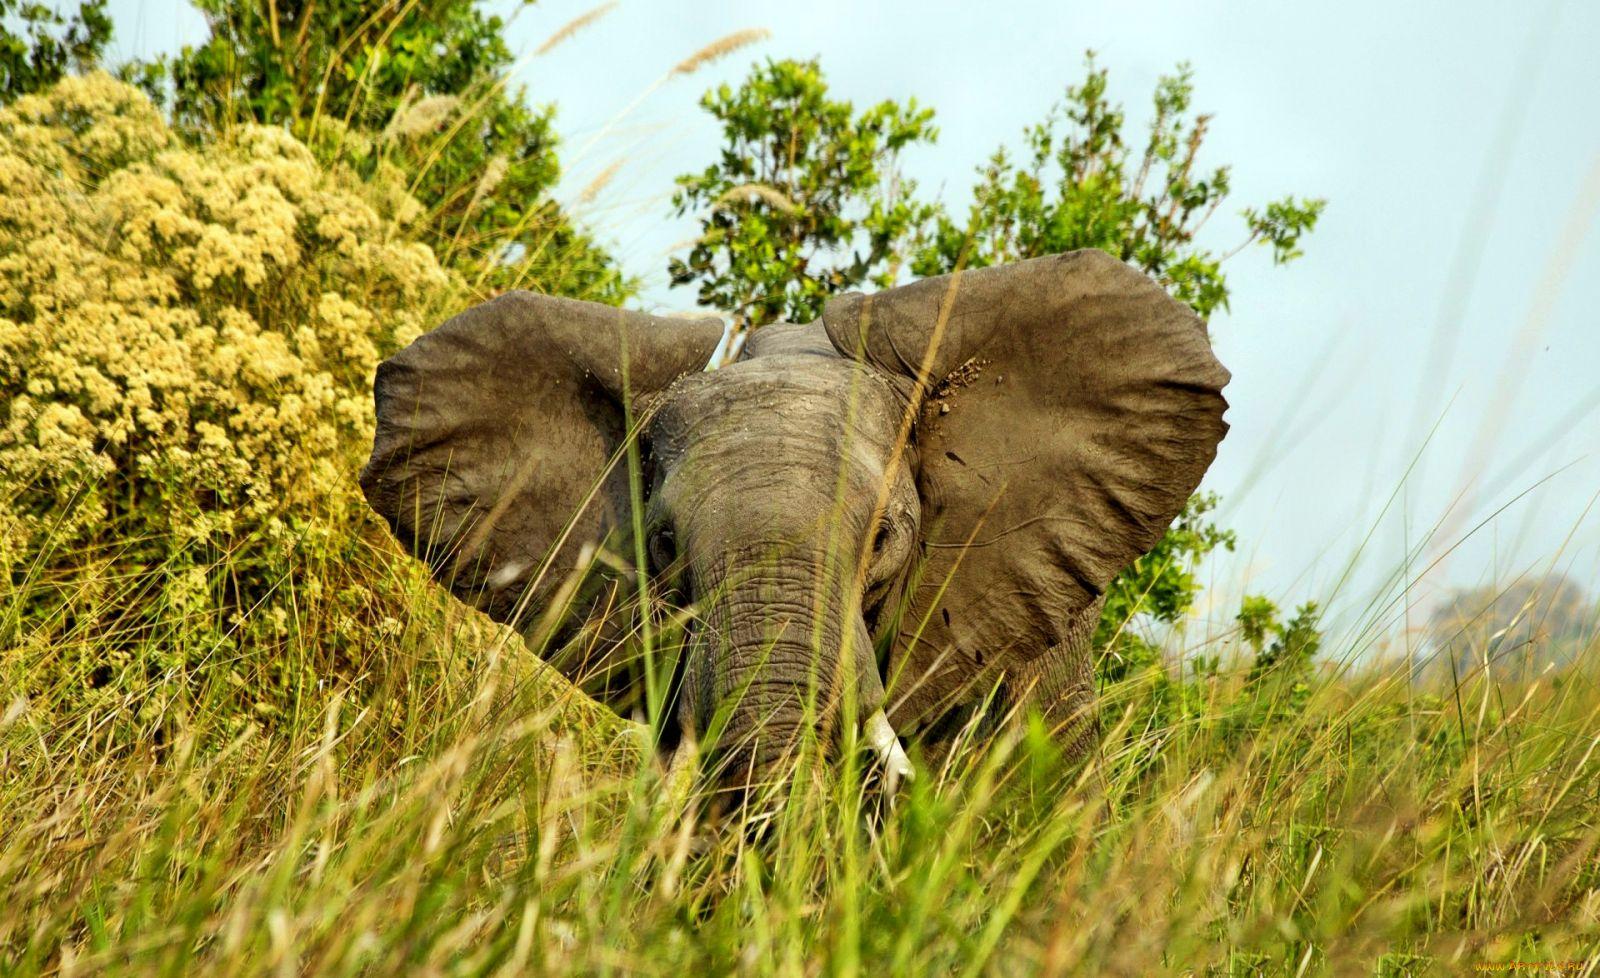 Пасущийся слон на лужайке